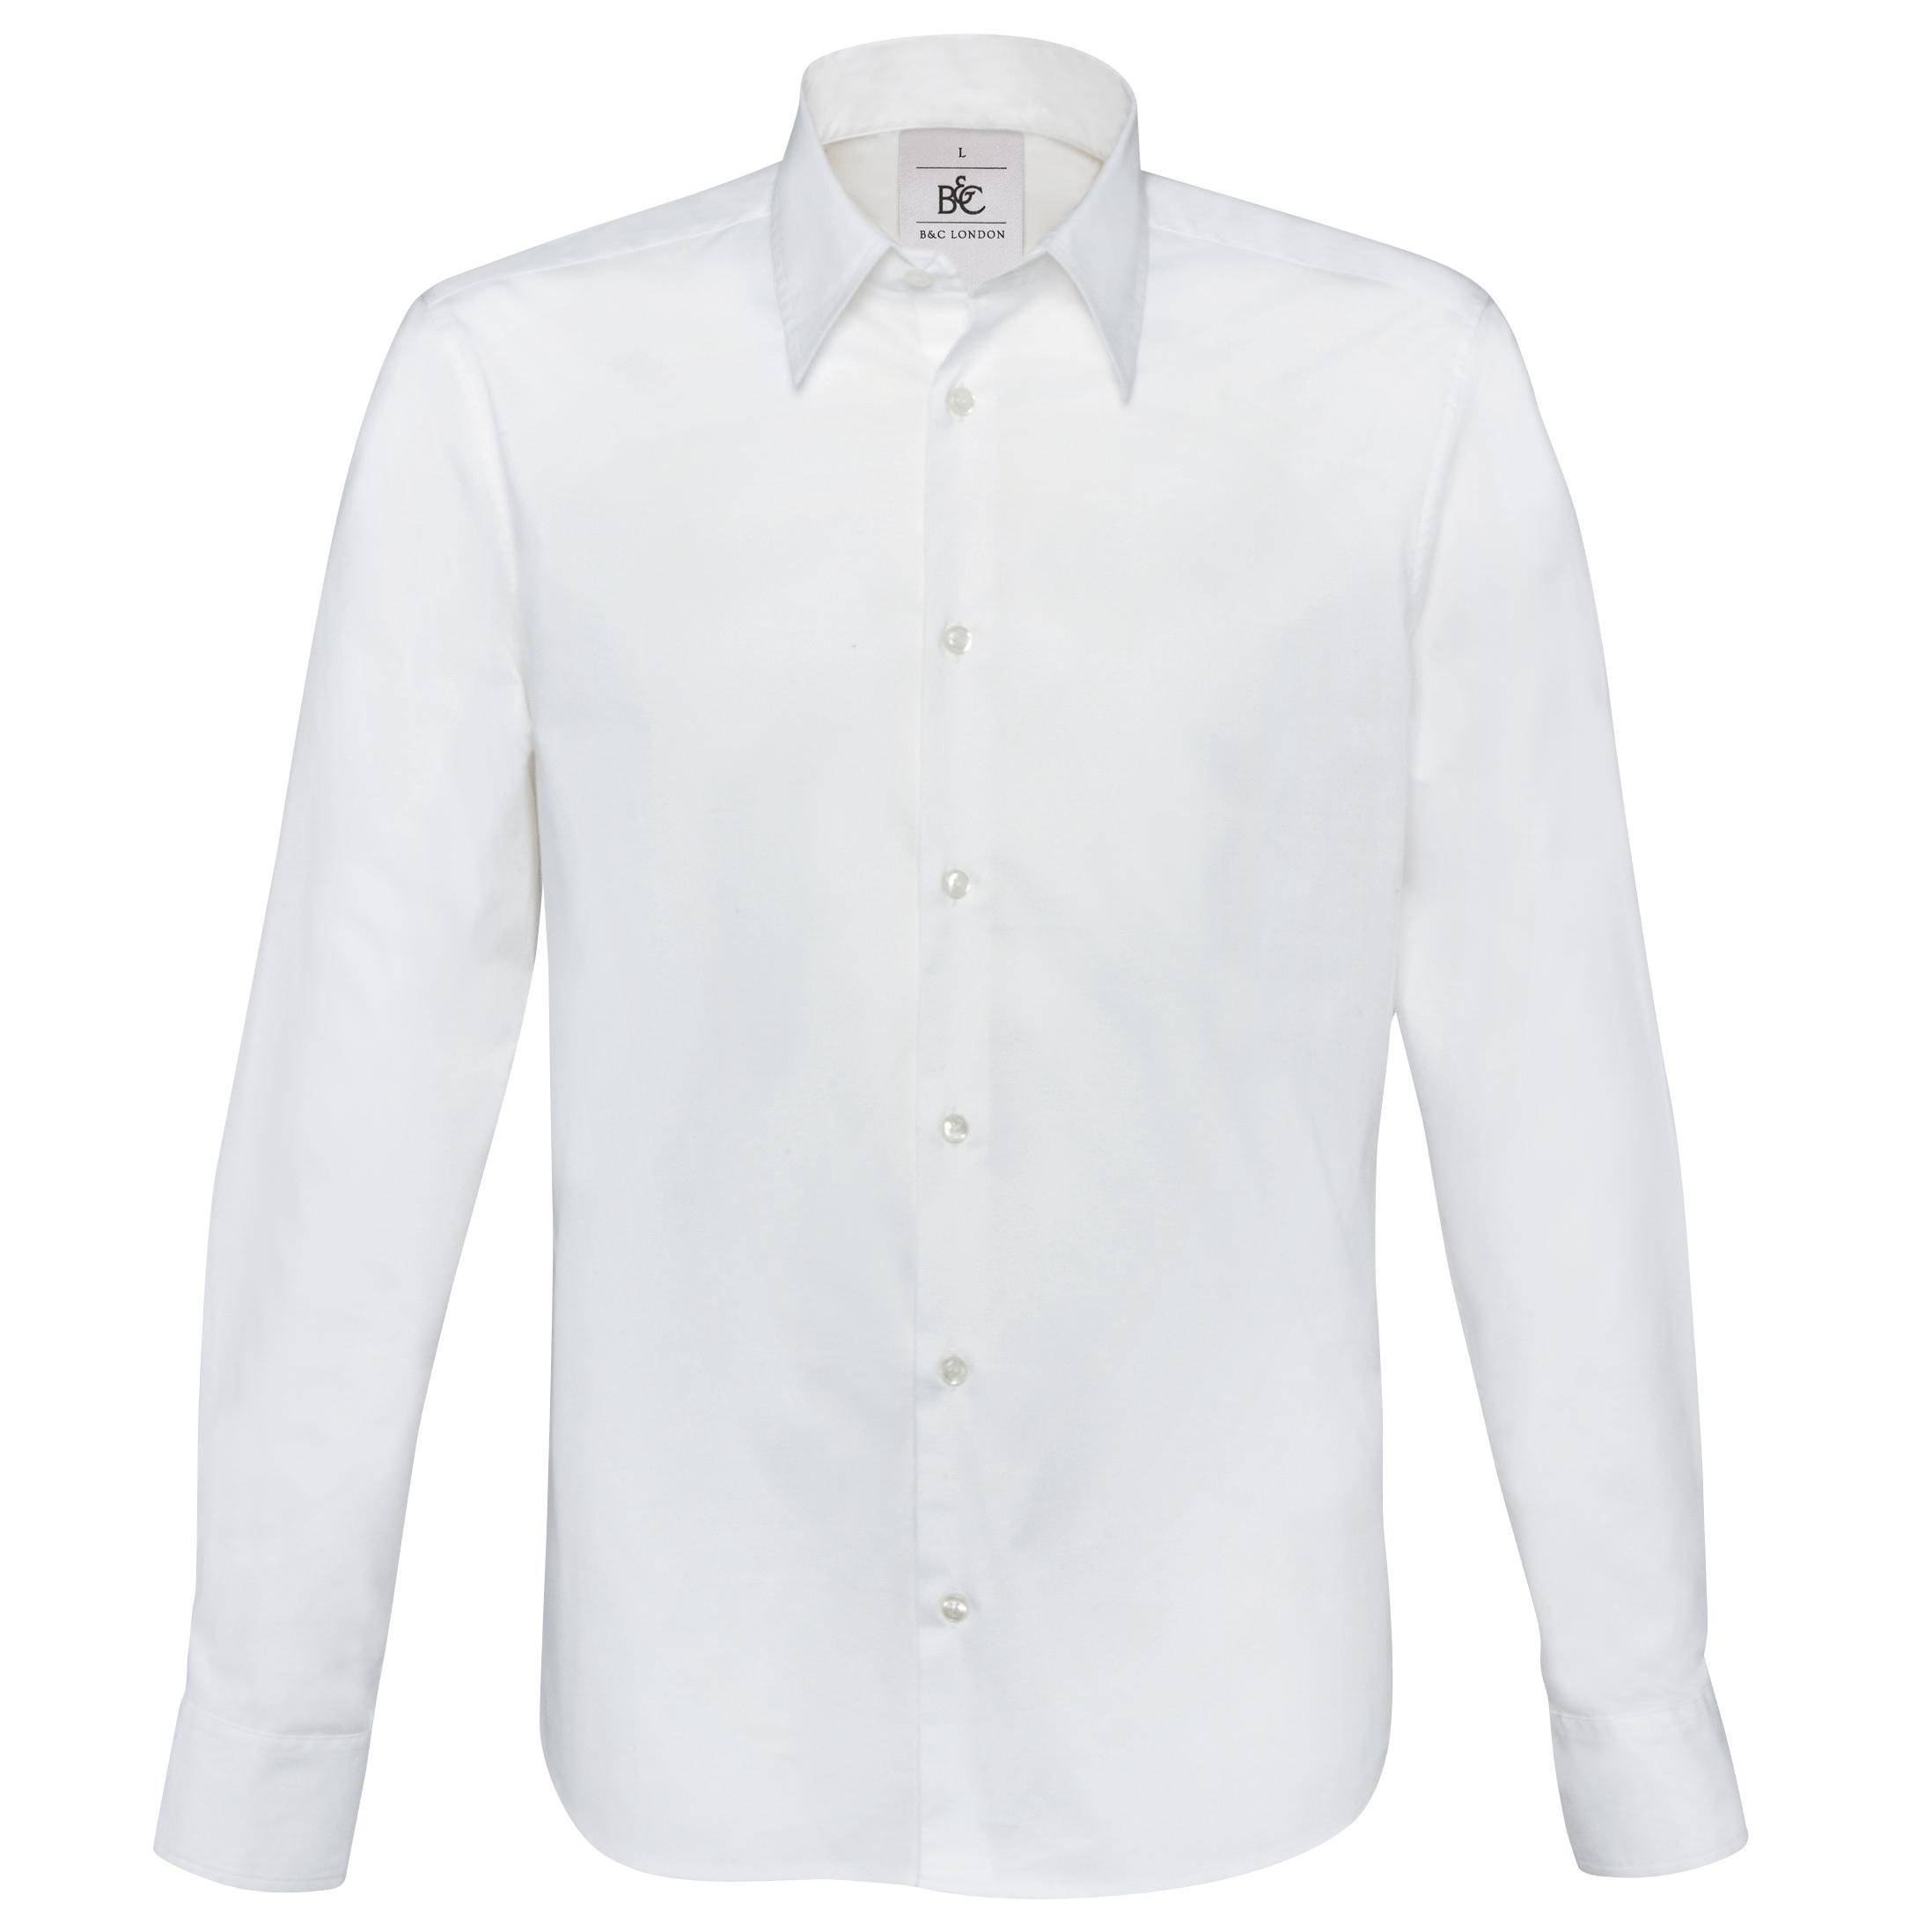 B&C Mens London Long Sleeve Poplin Shirt (L) (White)